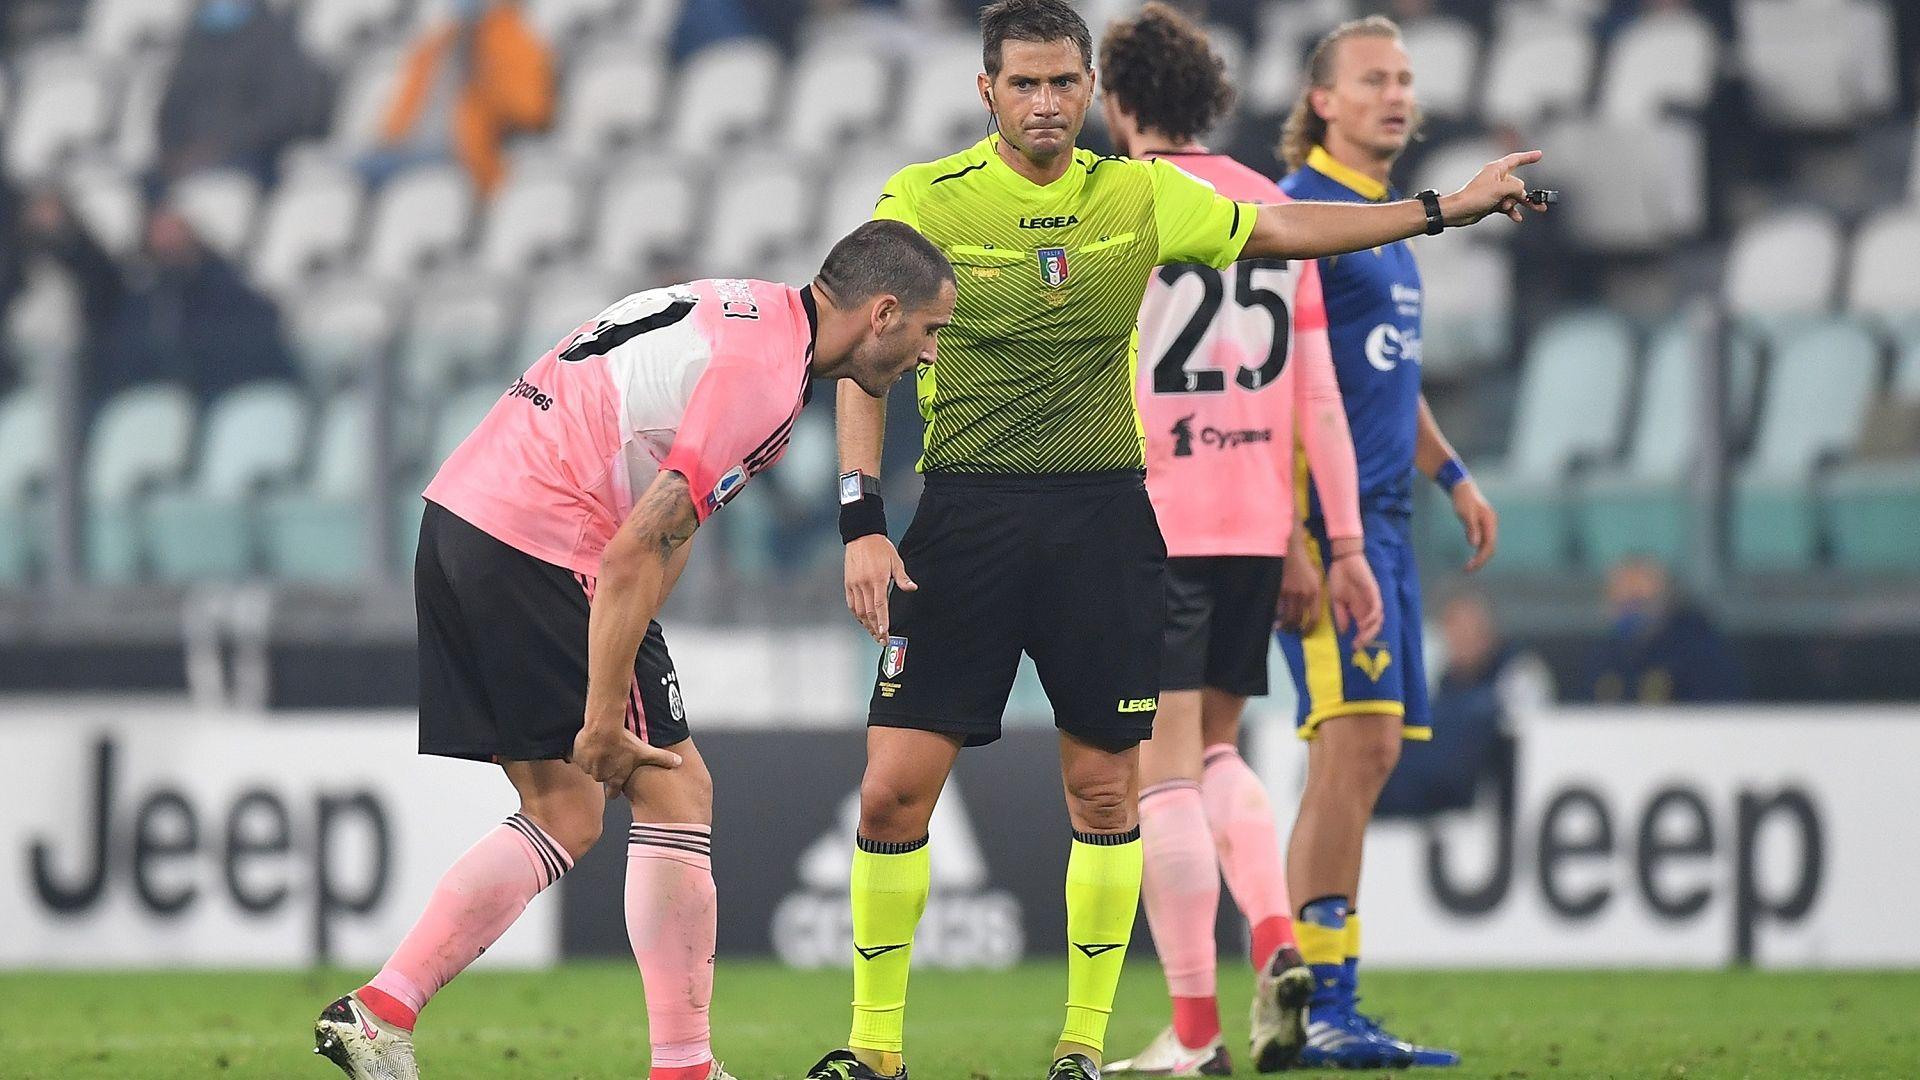 """Няма Роналдо, няма и победи - Юве отново се издъни в Серия """"А"""""""